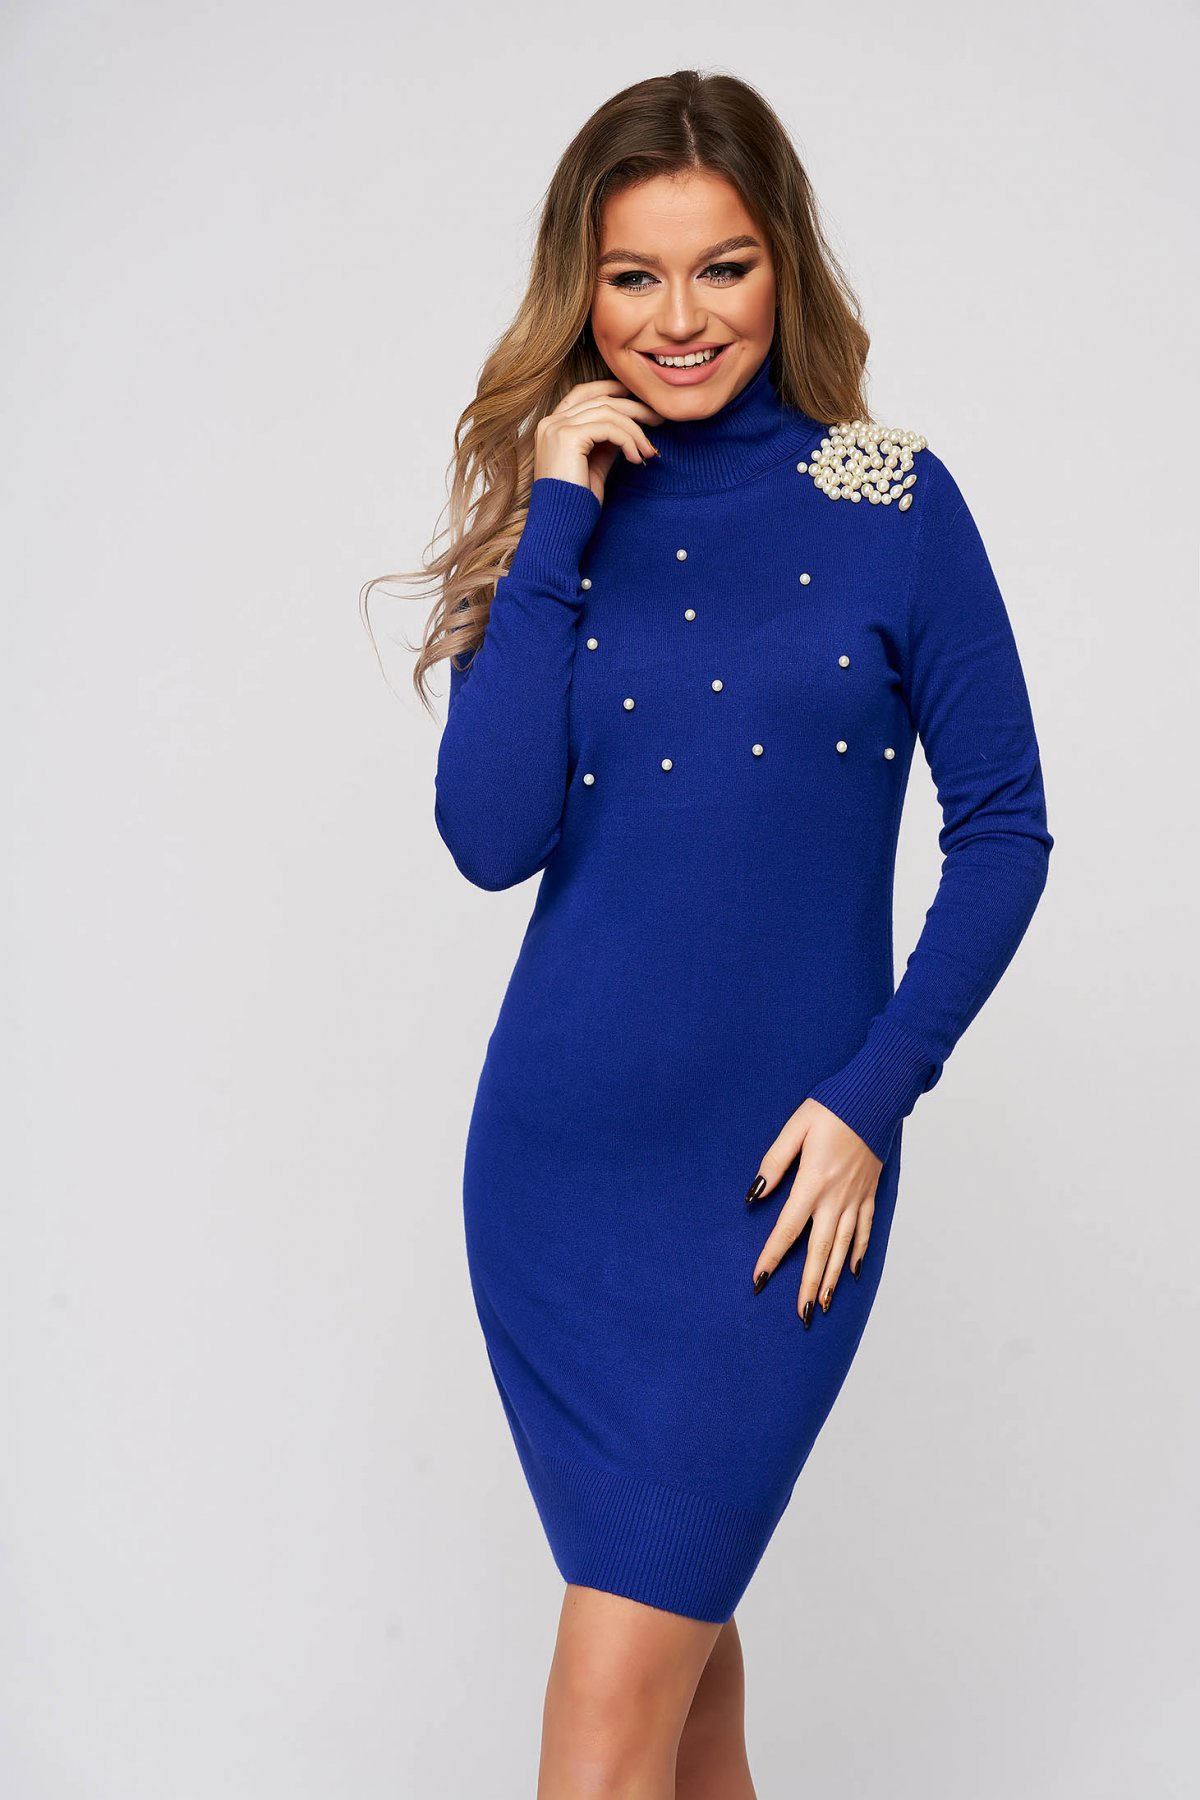 Rochie SunShine albastra tricotata scurta cu un croi mulat si aplicatii cu perle